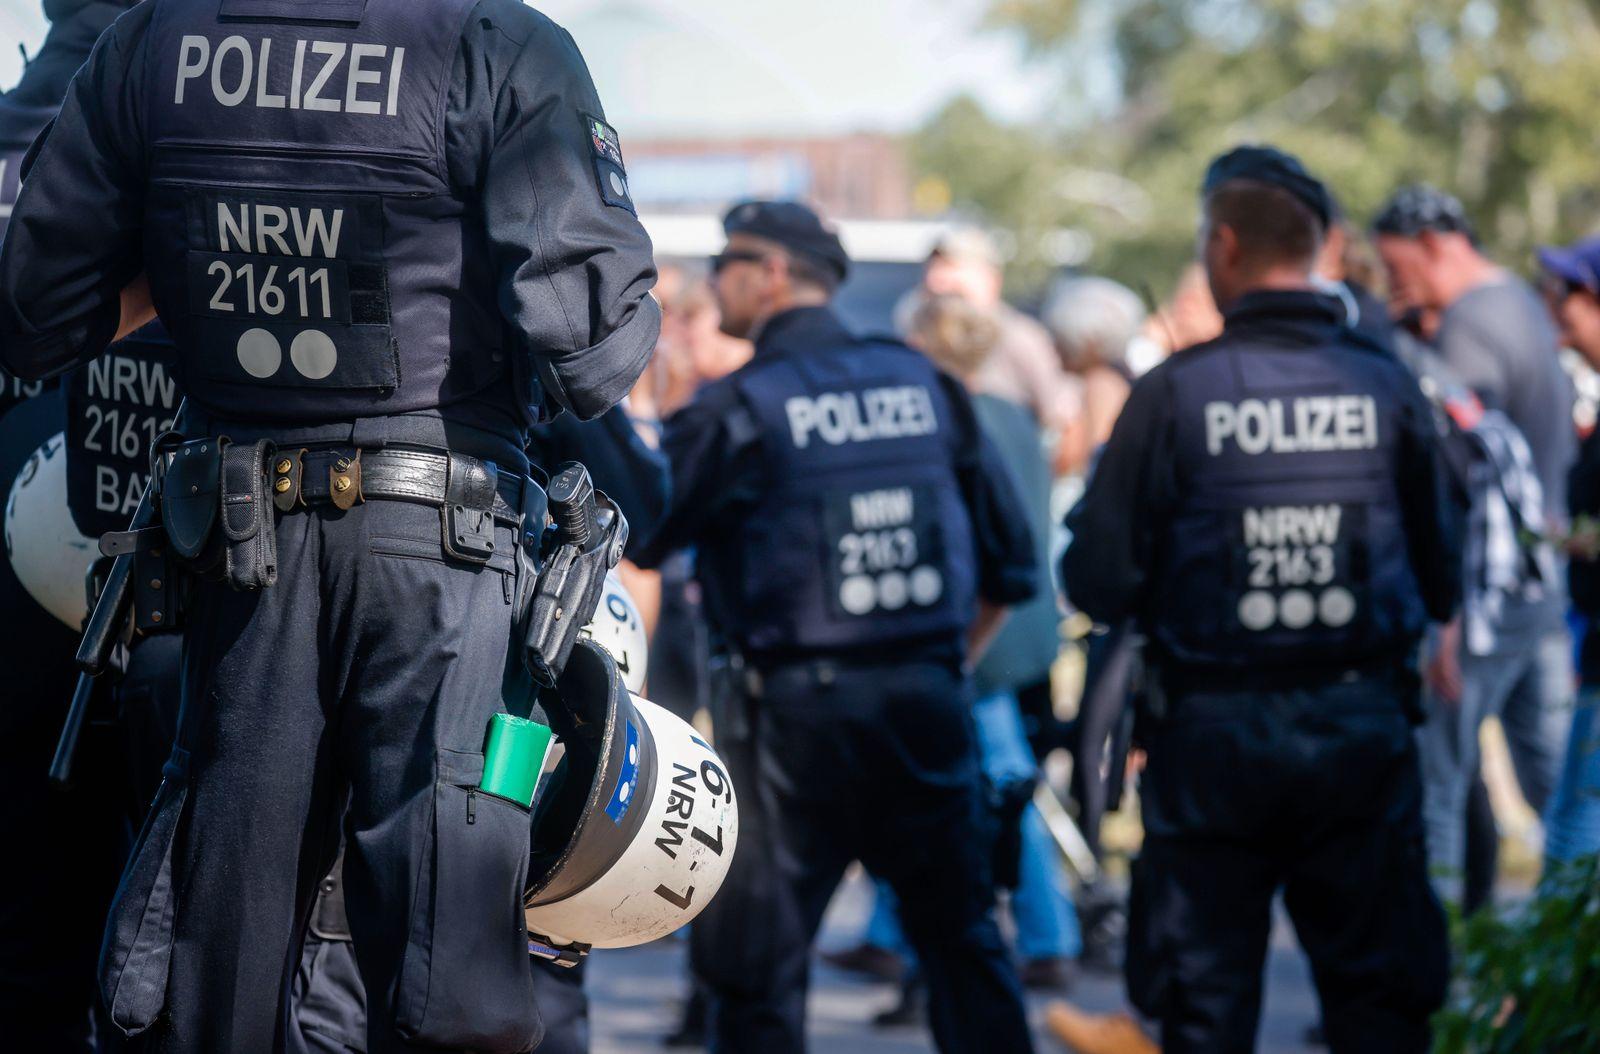 20.09.2020, Duesseldorf, Nordrhein-Westfalen, Deutschland - NRW Polizei im Einsatz bei Anti-Corona Demonstration, Demons